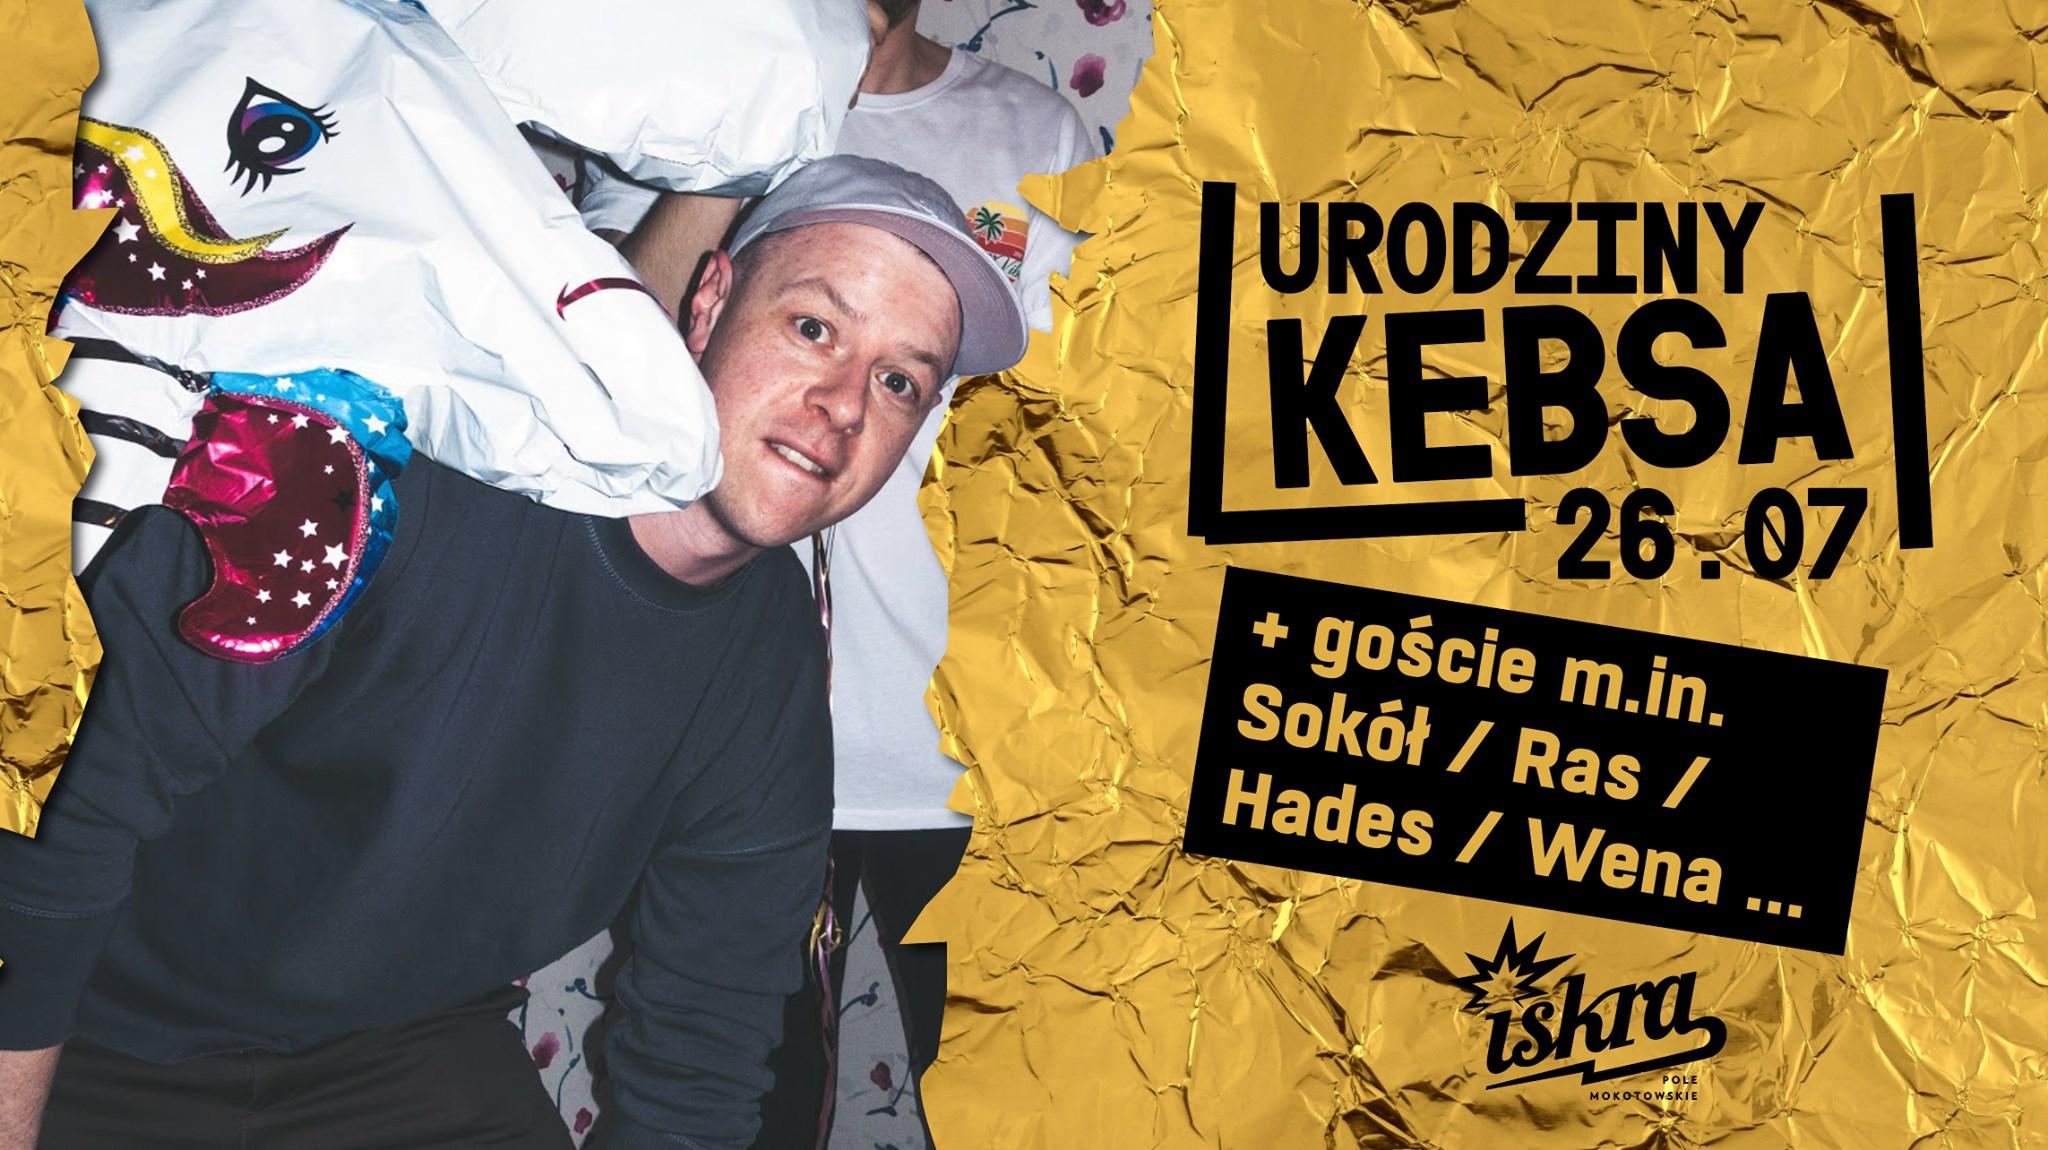 Urodziny Kebsa x Sokół Ras Hades W.E.N.A w Warszawie